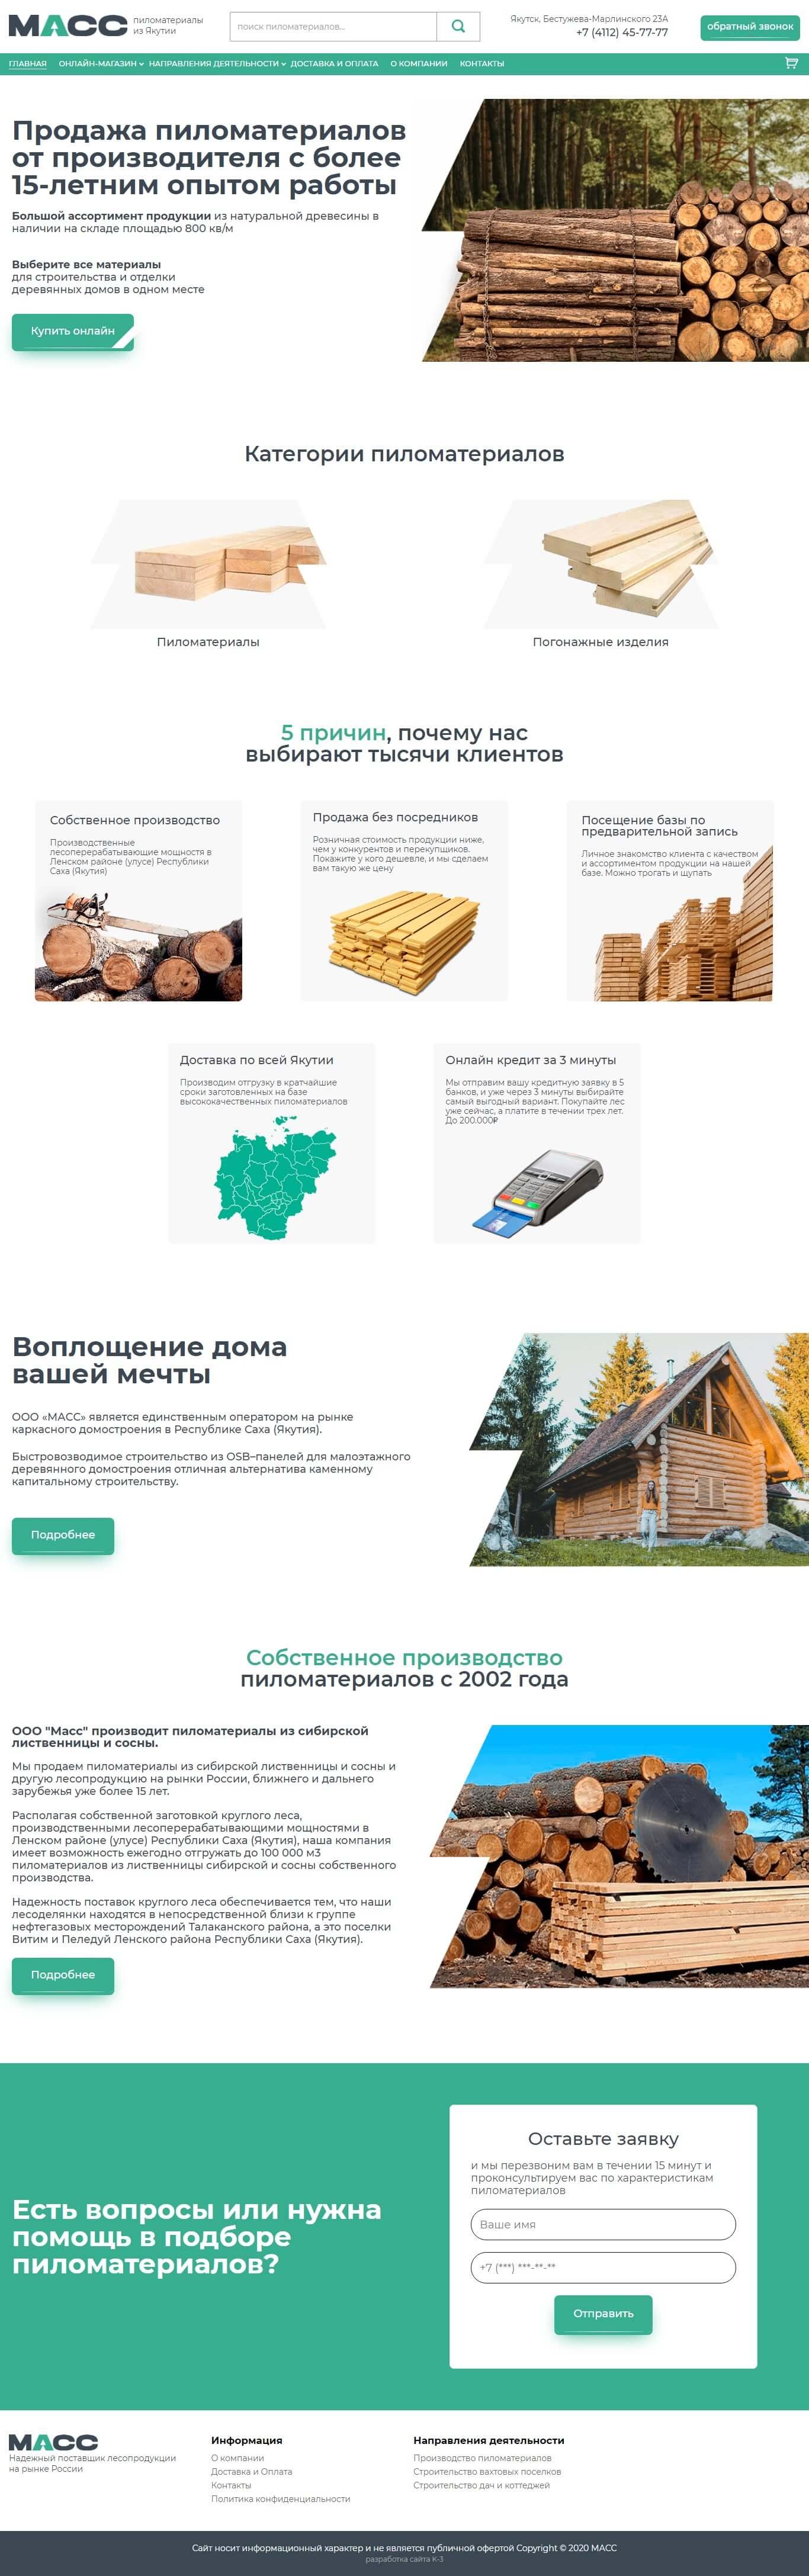 Разработали интернет магазин пиломатериалов